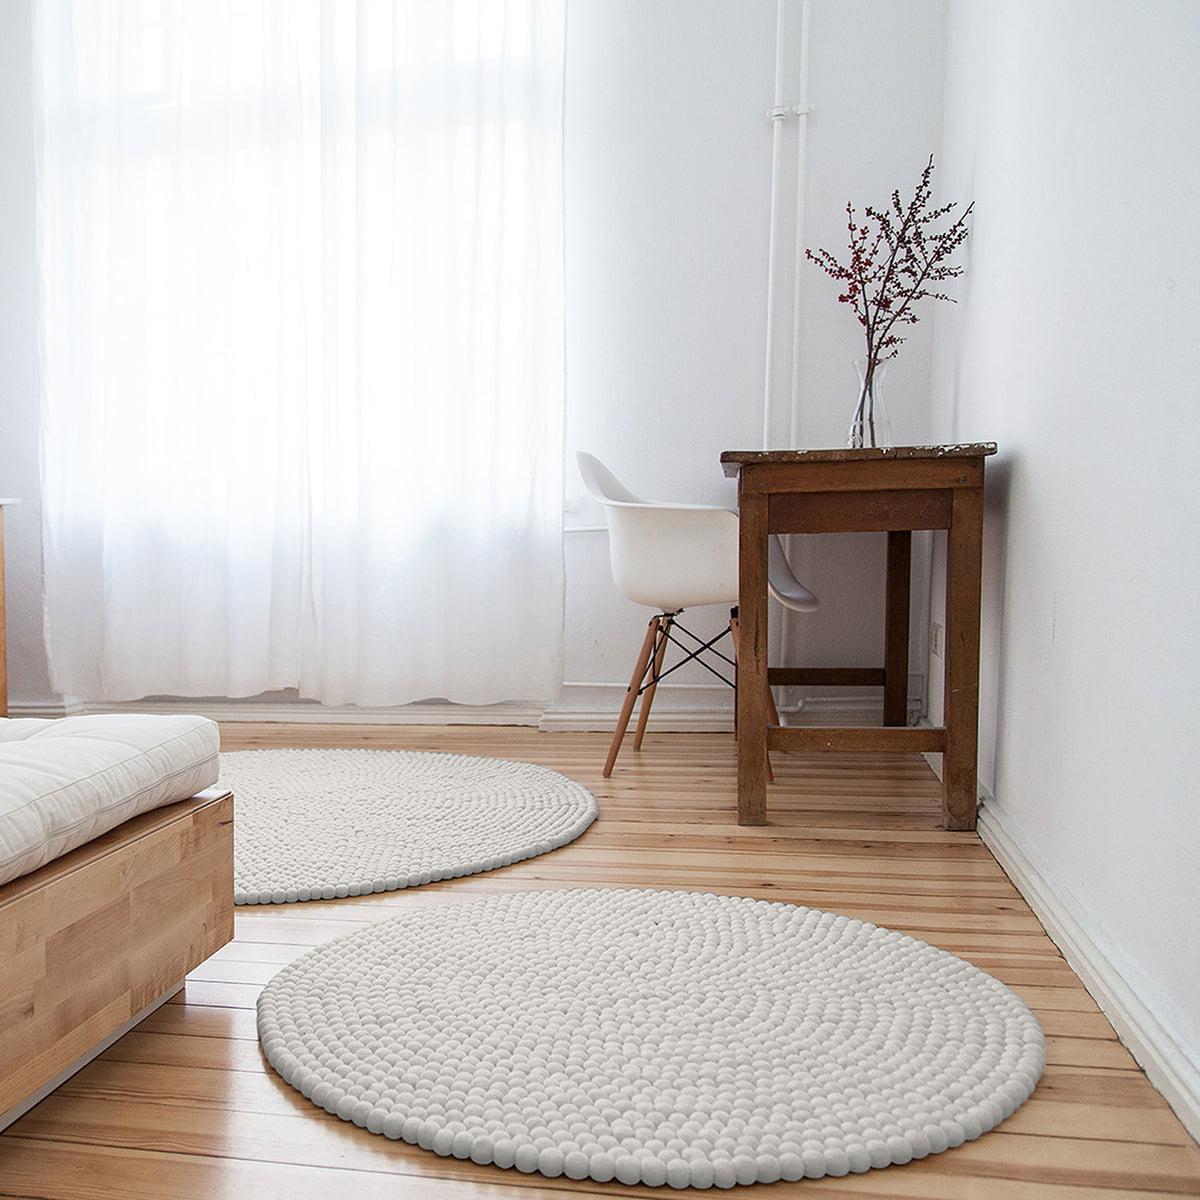 lin a teppich rund von myfelt im shop. Black Bedroom Furniture Sets. Home Design Ideas